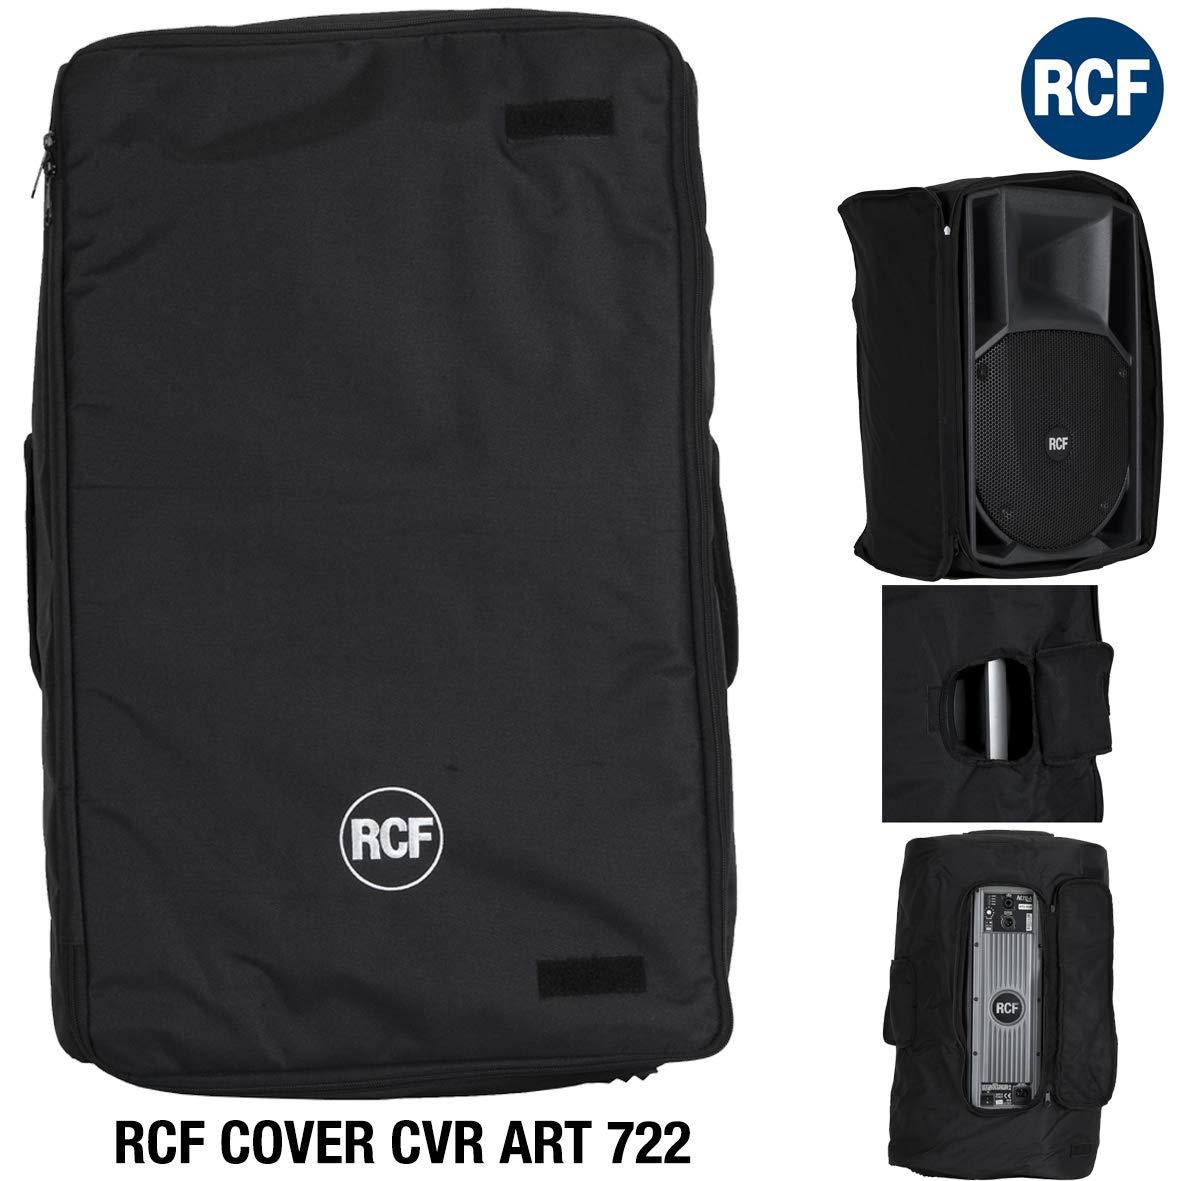 Loudspeaker dust cover, Negro, Nylon, 720 mm, 400 mm, 90 mm Protector contra el polvo RCF CVR ART 722 Loudspeaker dust cover Negro